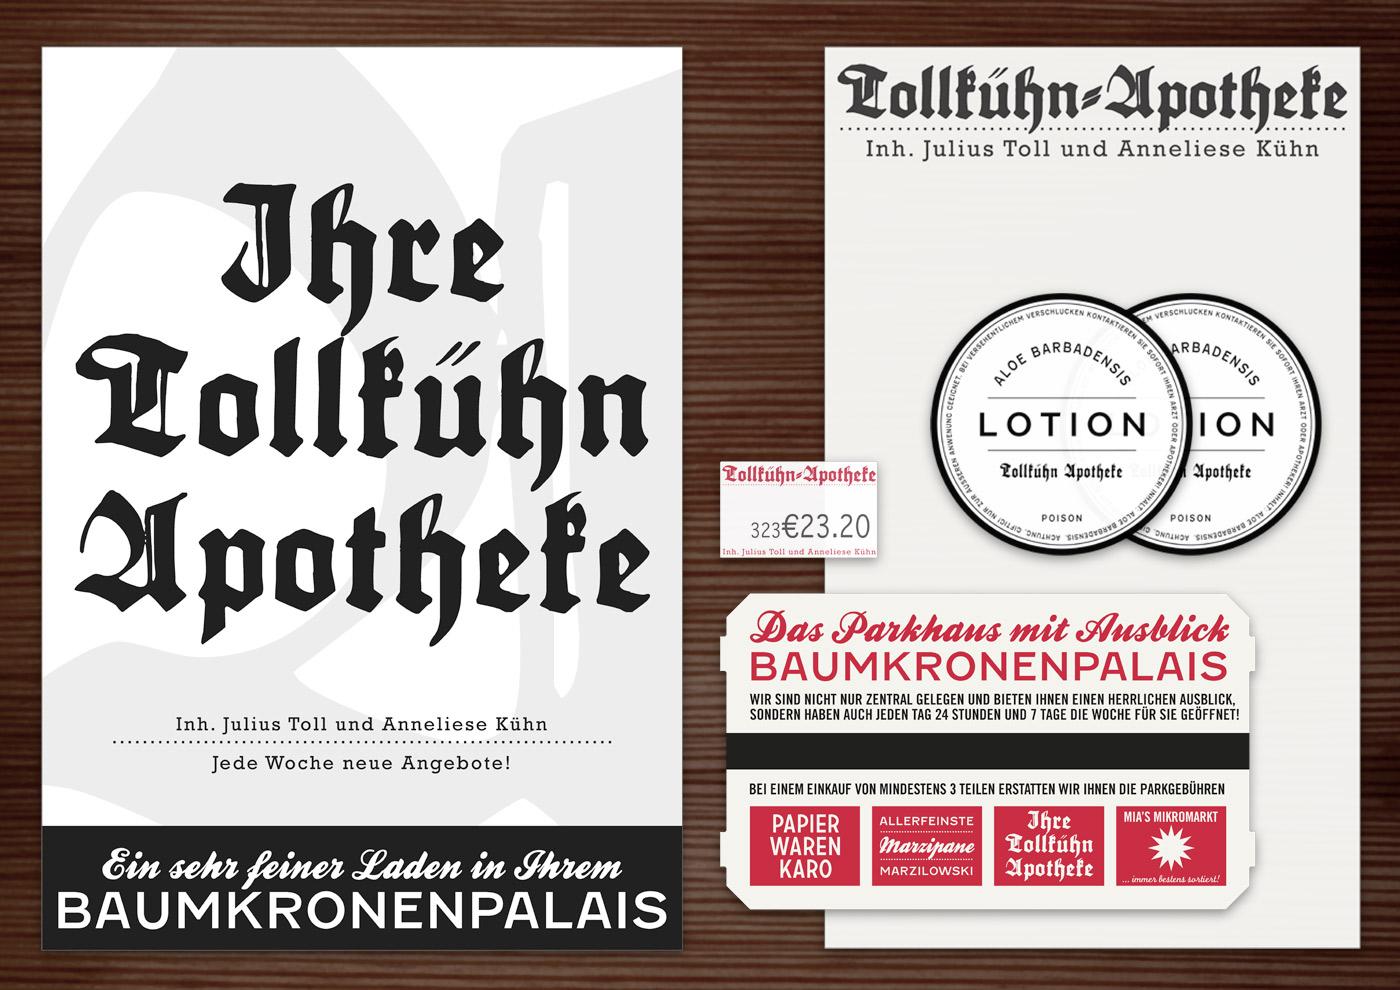 Corporate Identity, Logo und Grafik Design für Werbung, Anzeige, Poster, Aufkleber und Stempel für Lily Lux Tollkühn Apotheke